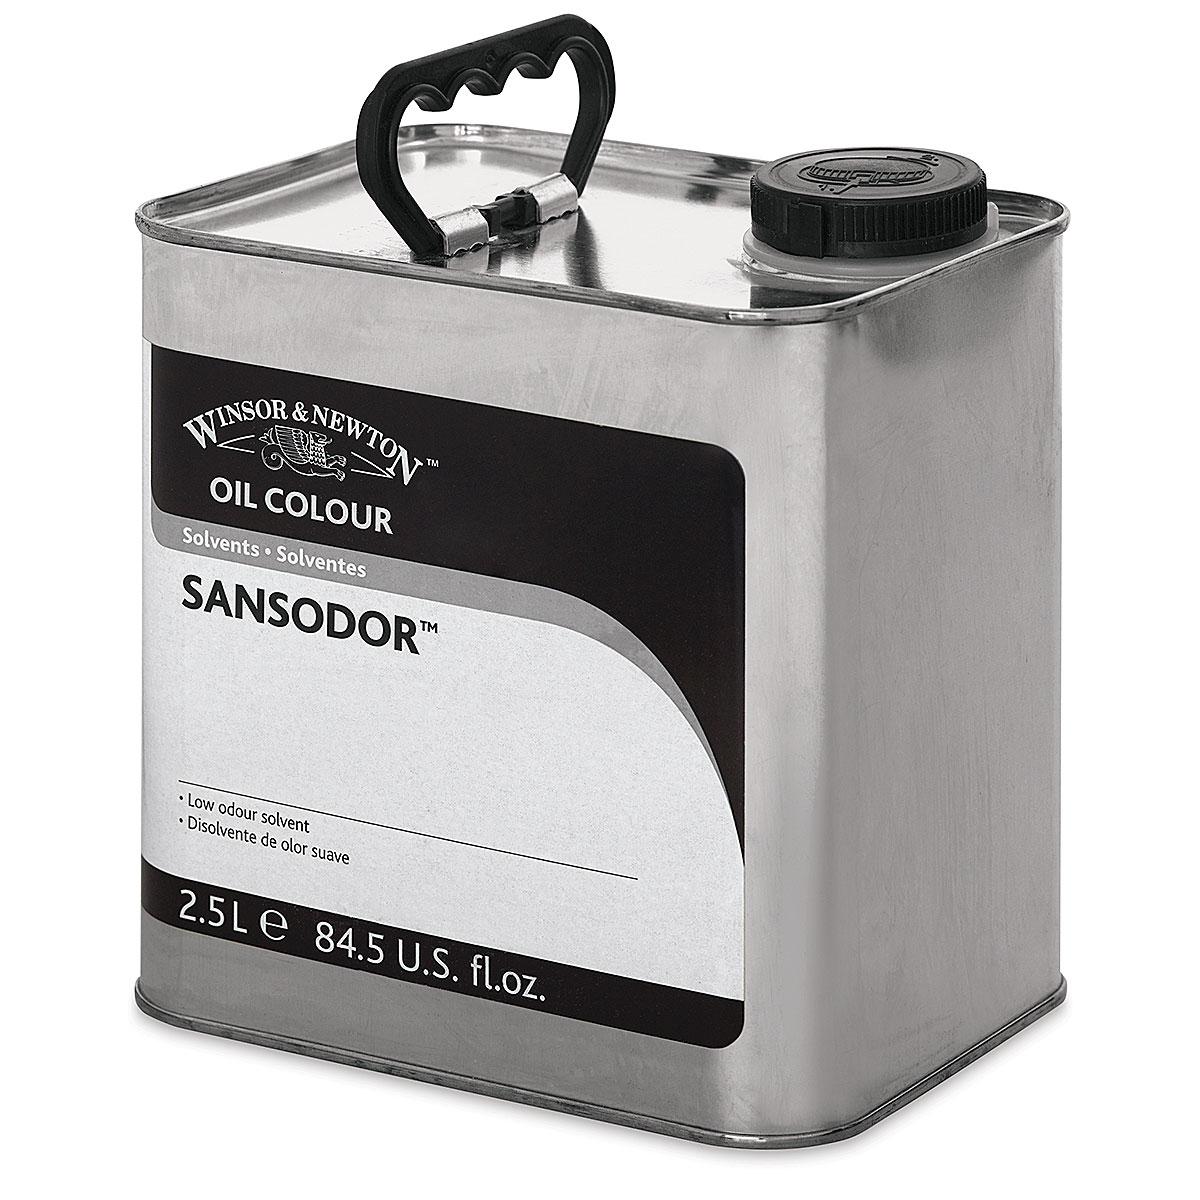 Winsor & Newton Sansodor - 500 ml bottle